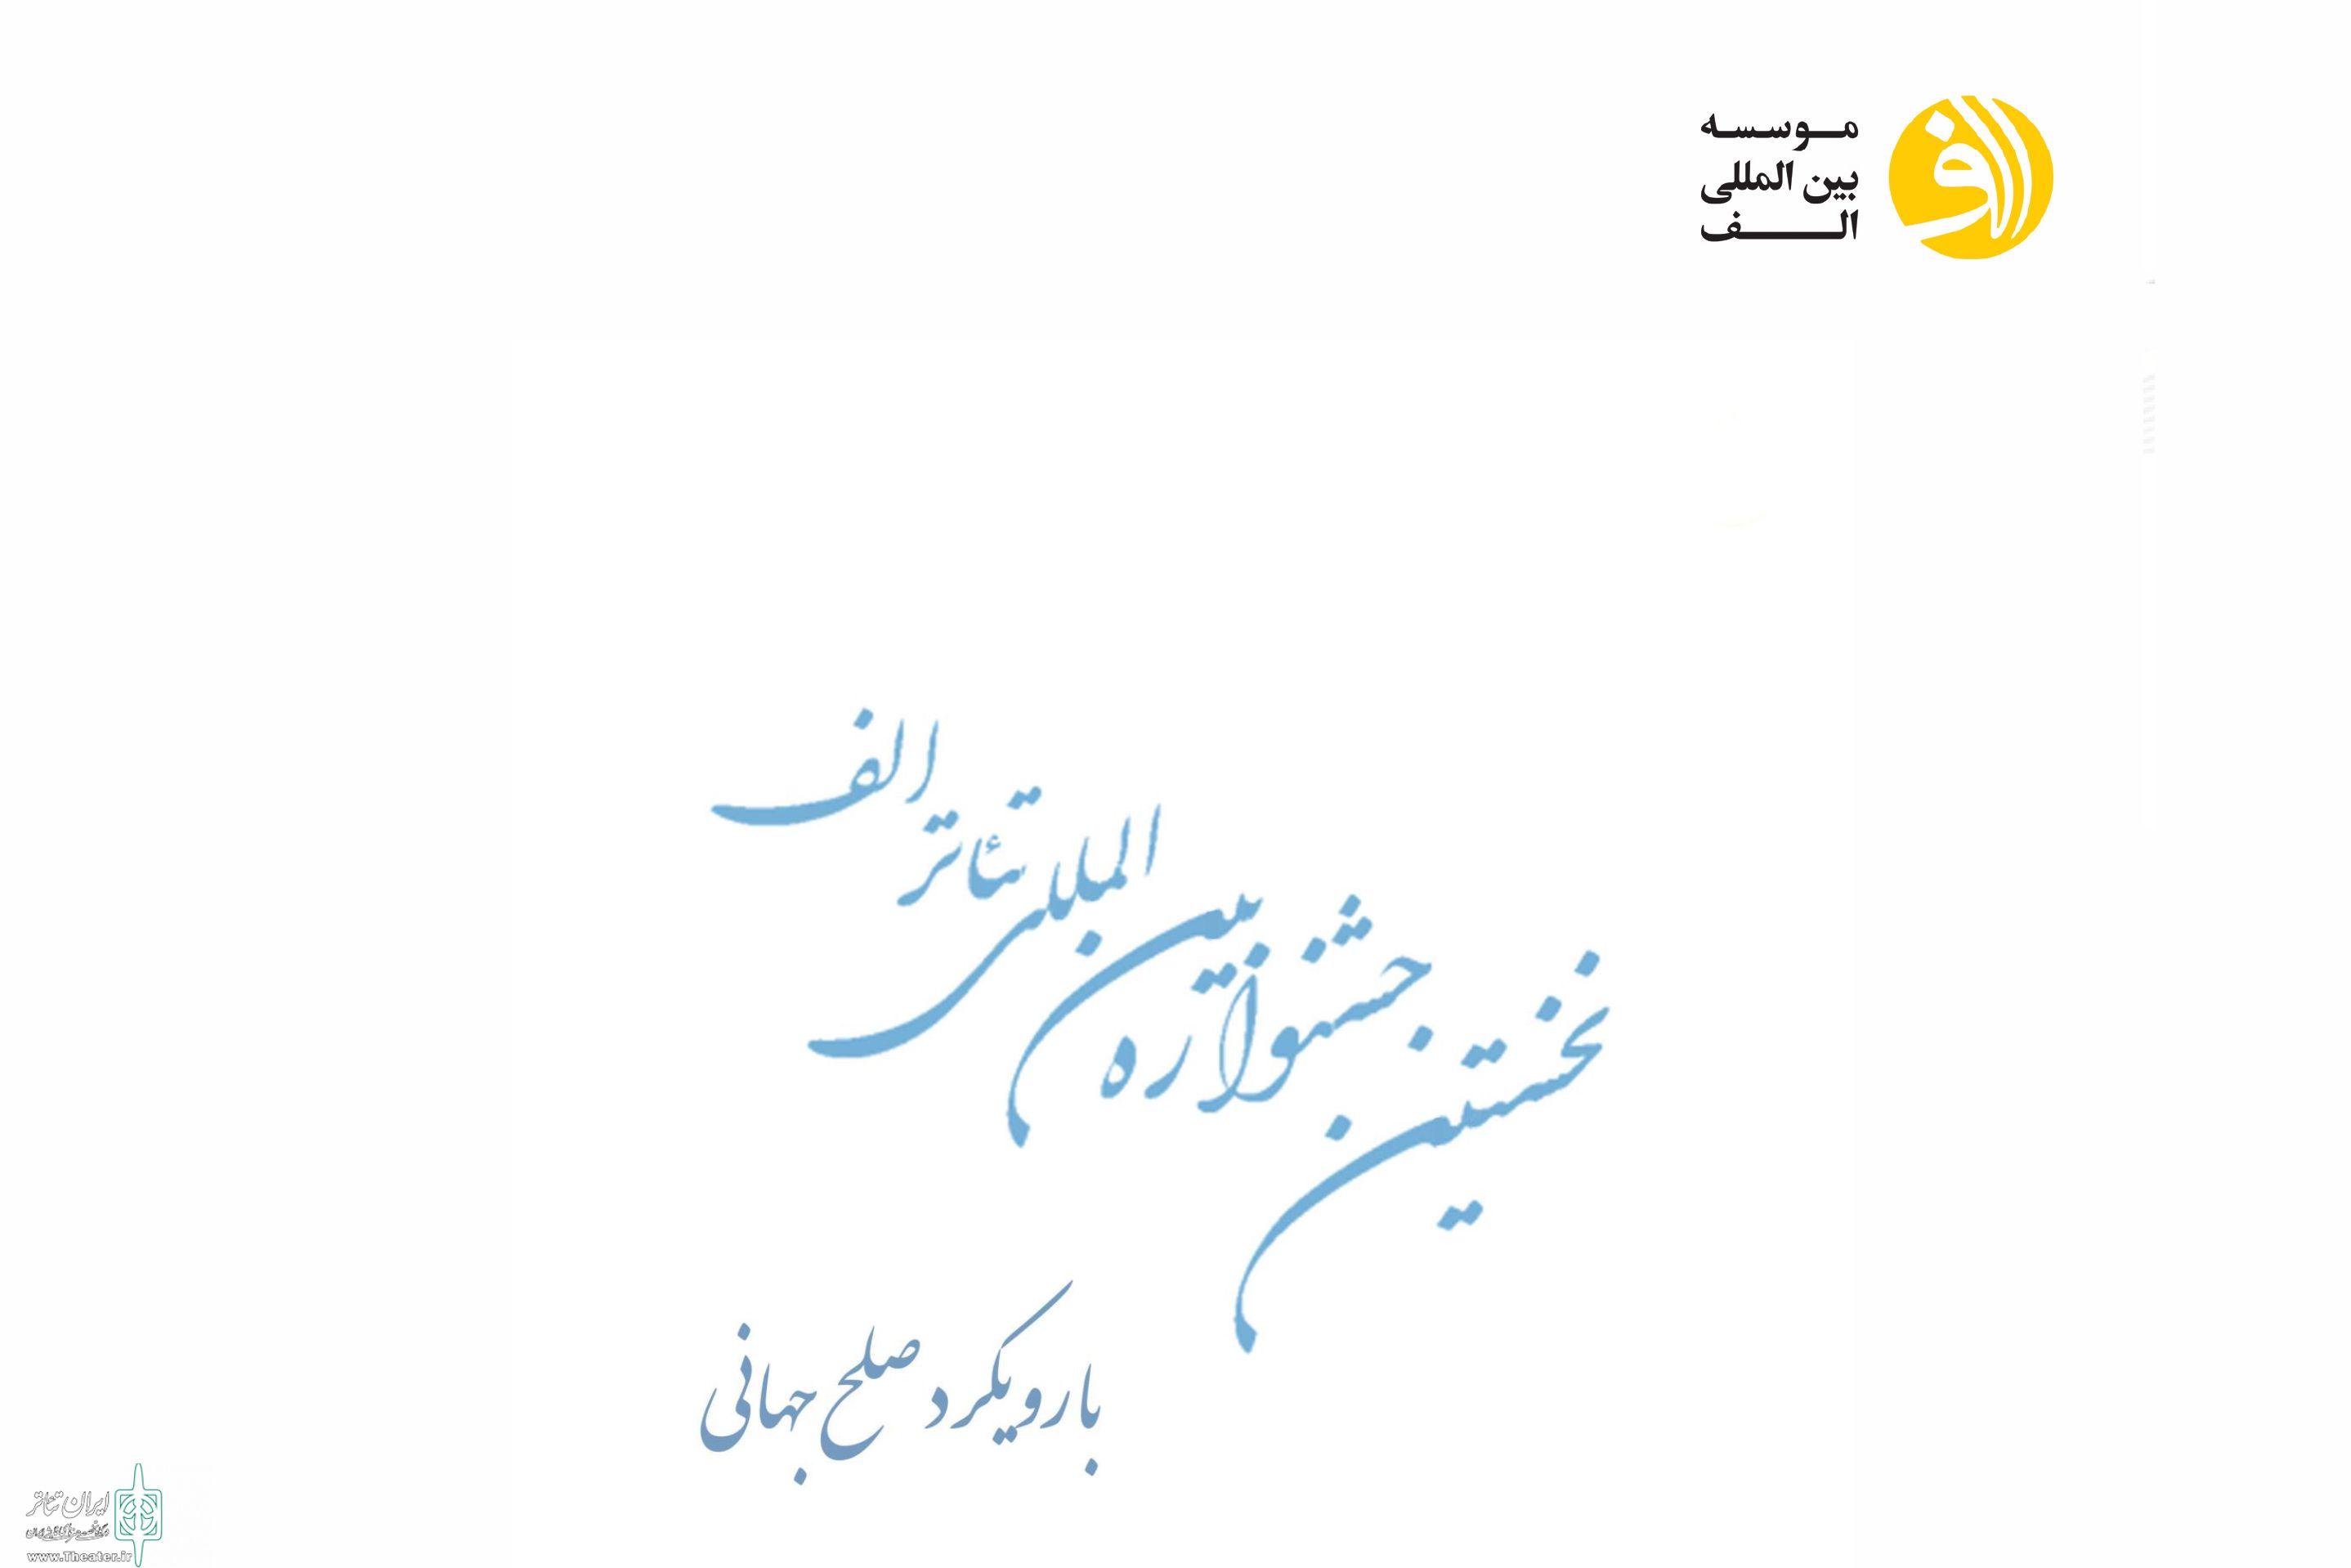 فراخوان نخستین جشنواره بین المللی تئاتر «الف»